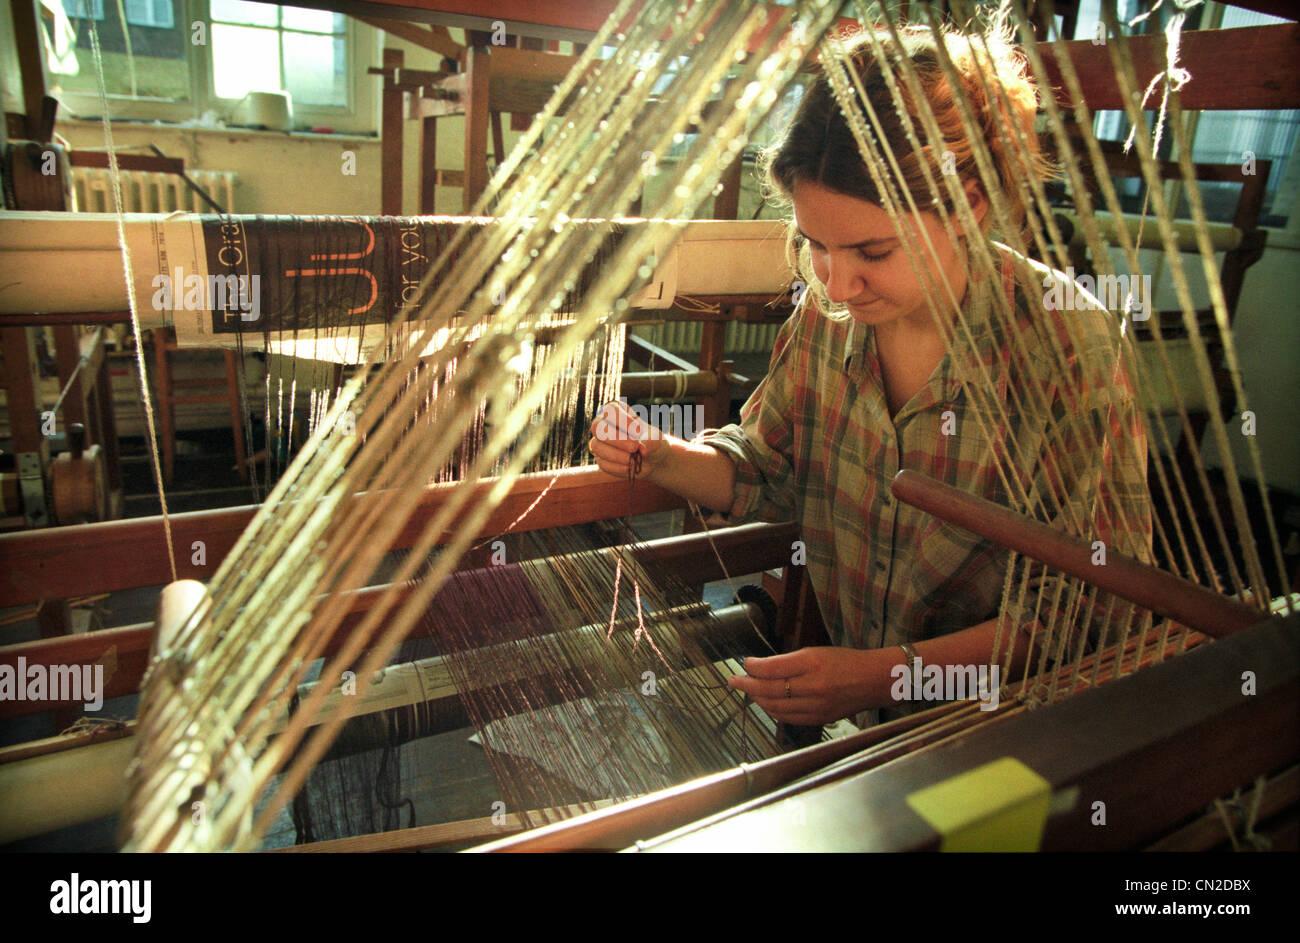 Una università di Brighton studente tessili ispeziona i fili di lana su di un telaio di tessitura come parte Immagini Stock